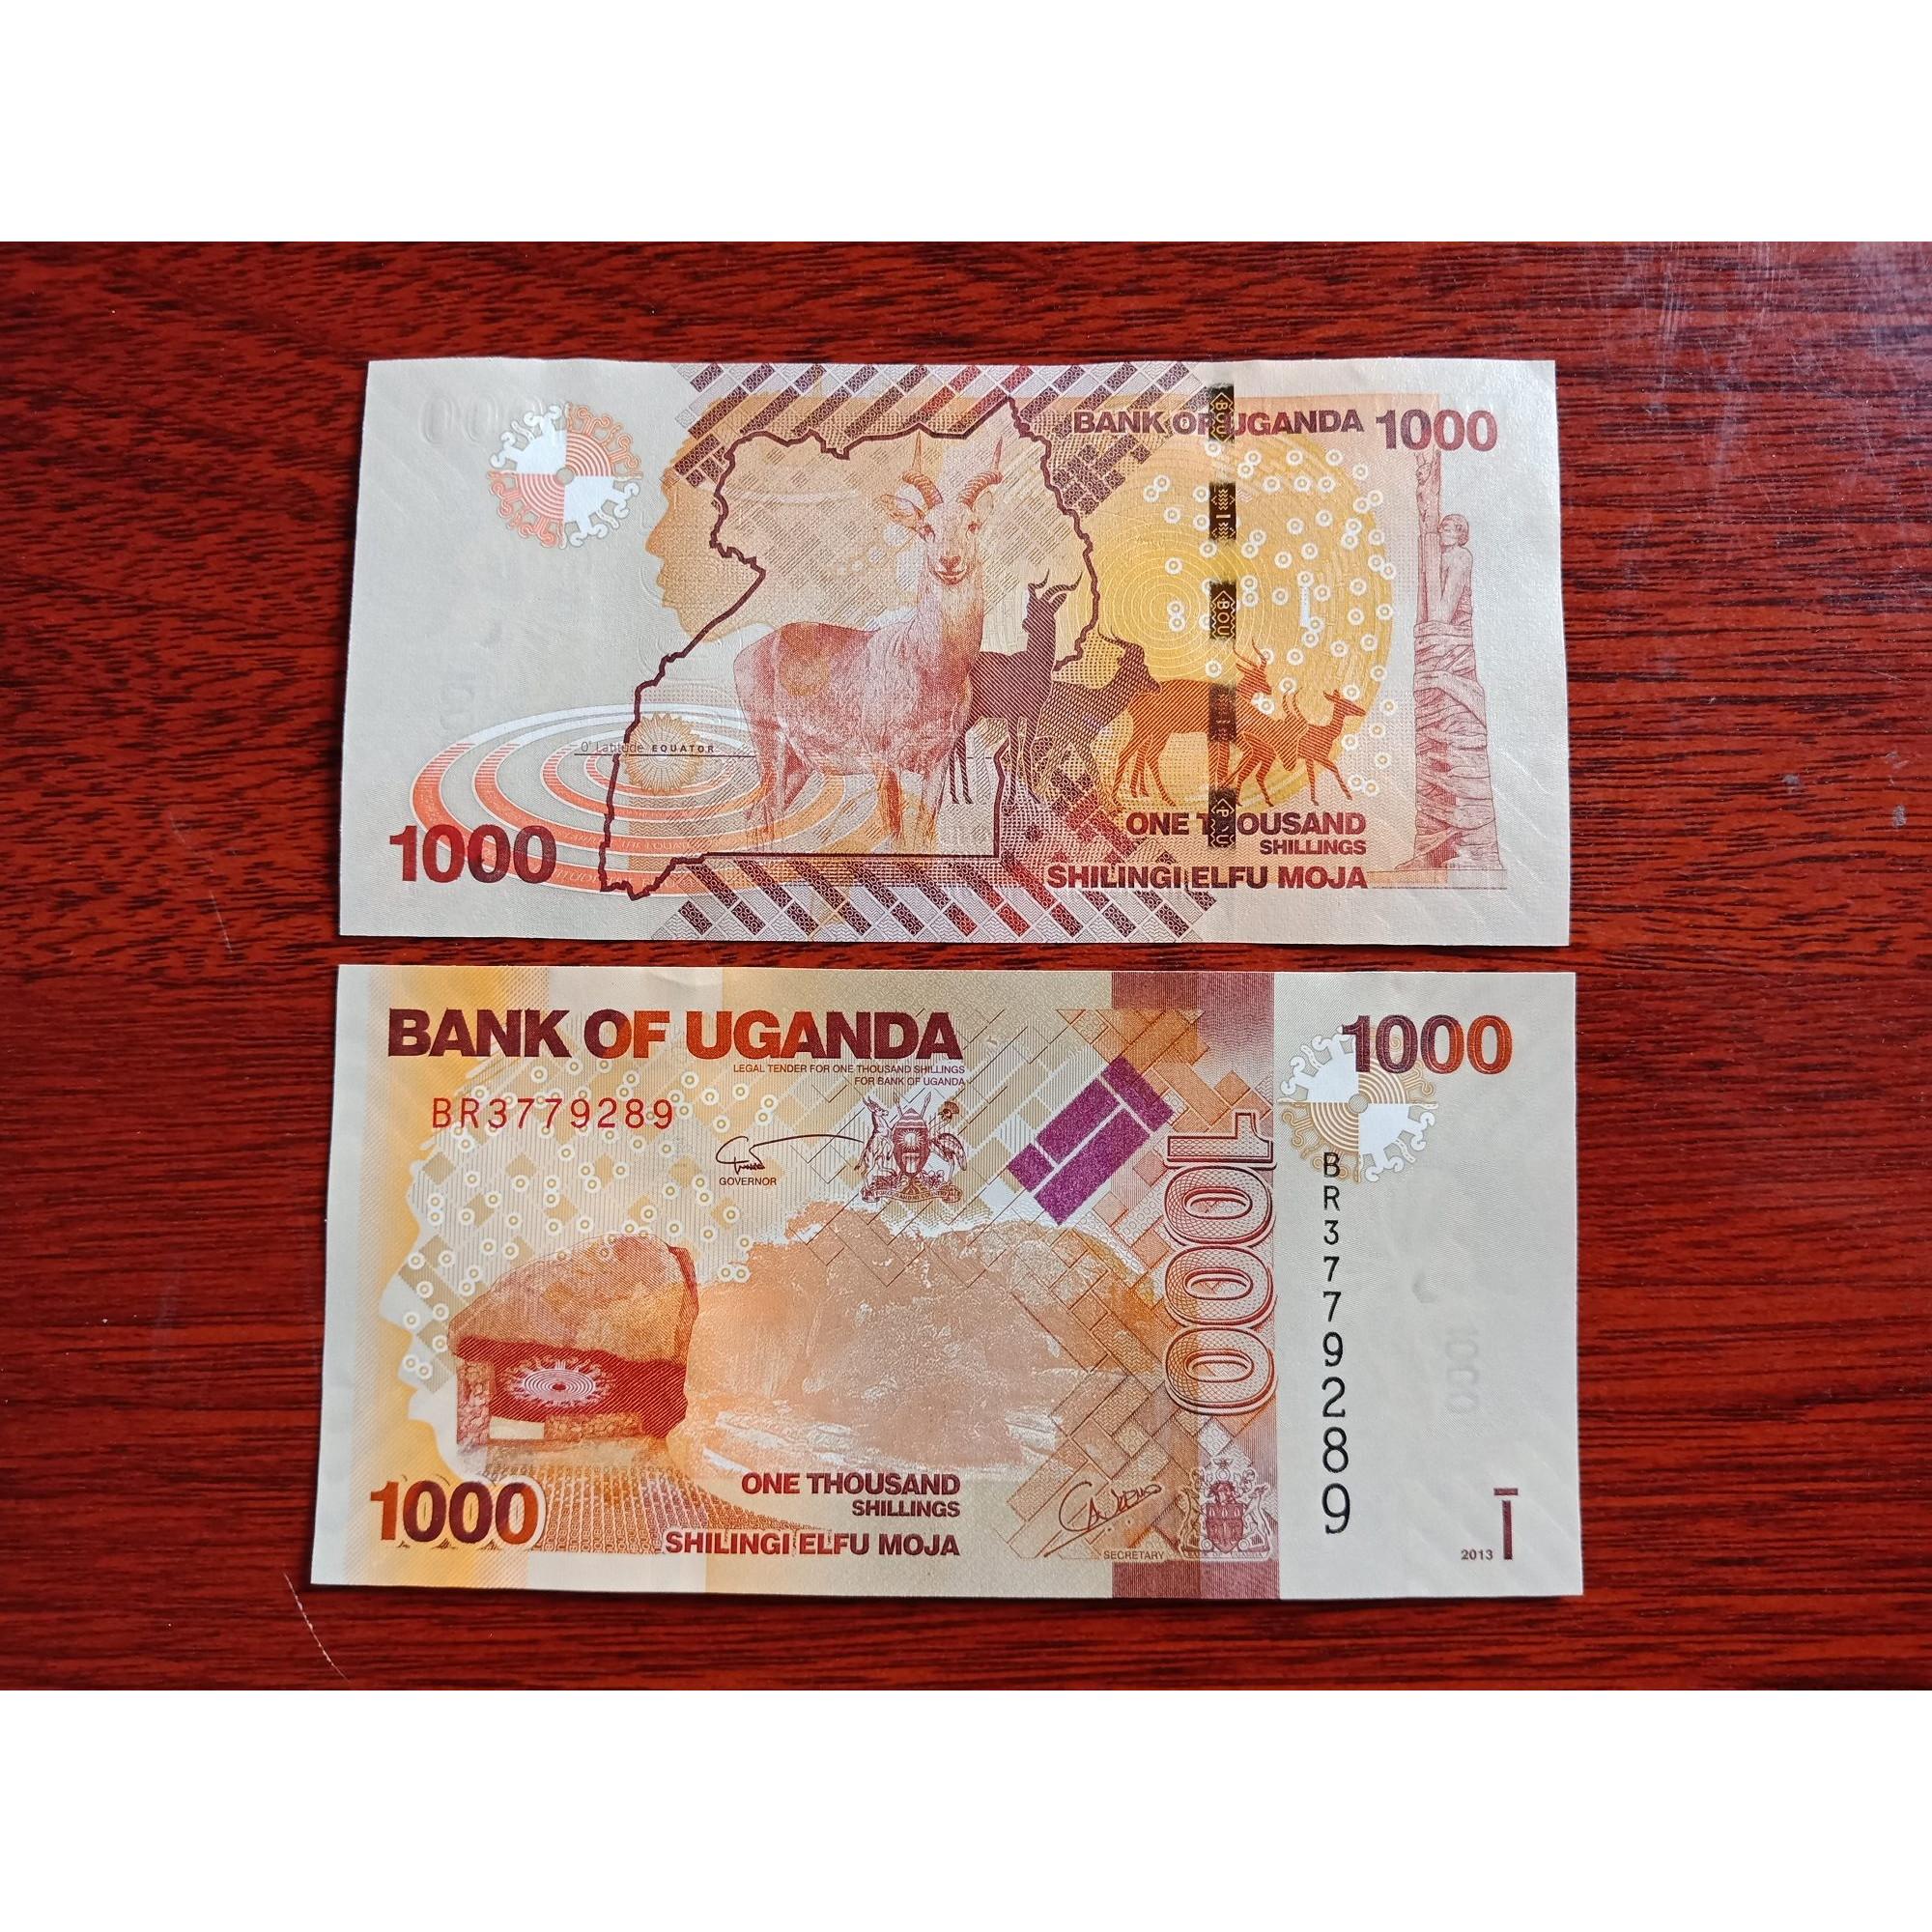 Tờ tiền hình con dê Uganda 1000 Shilling, lì xì người tuổi Mùi, tiền mới 100%